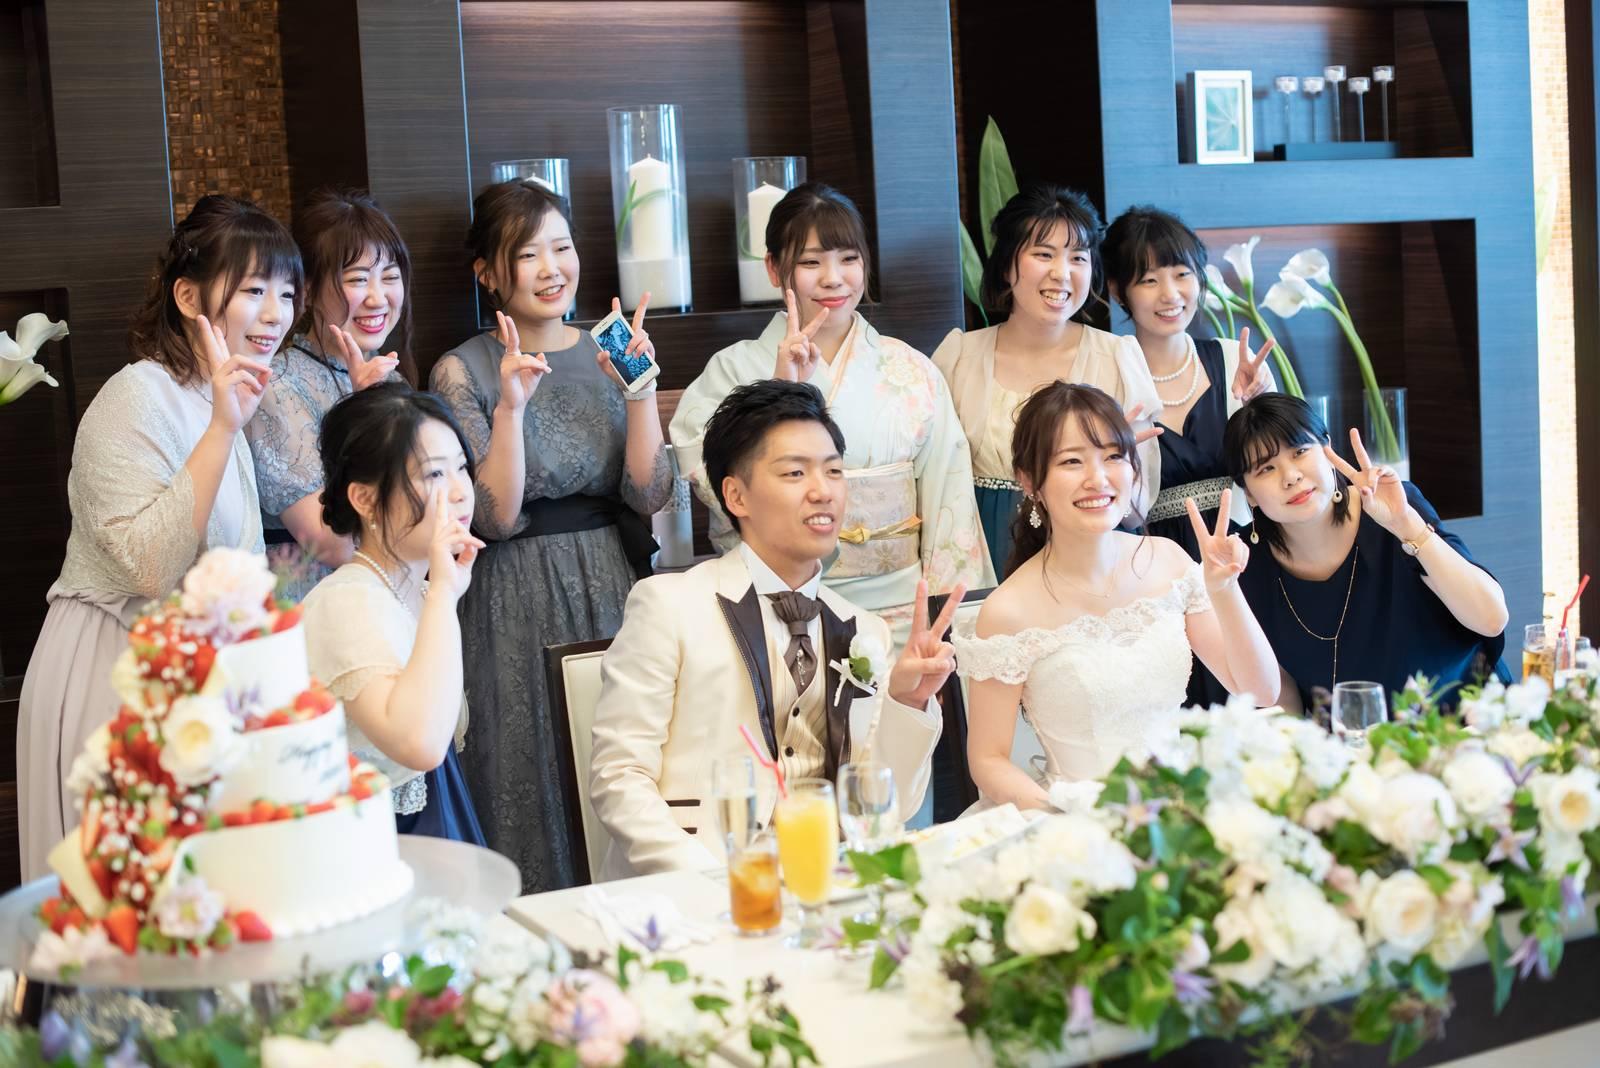 徳島県の結婚式場ブランアンジュの披露宴会場でゲストと記念写真